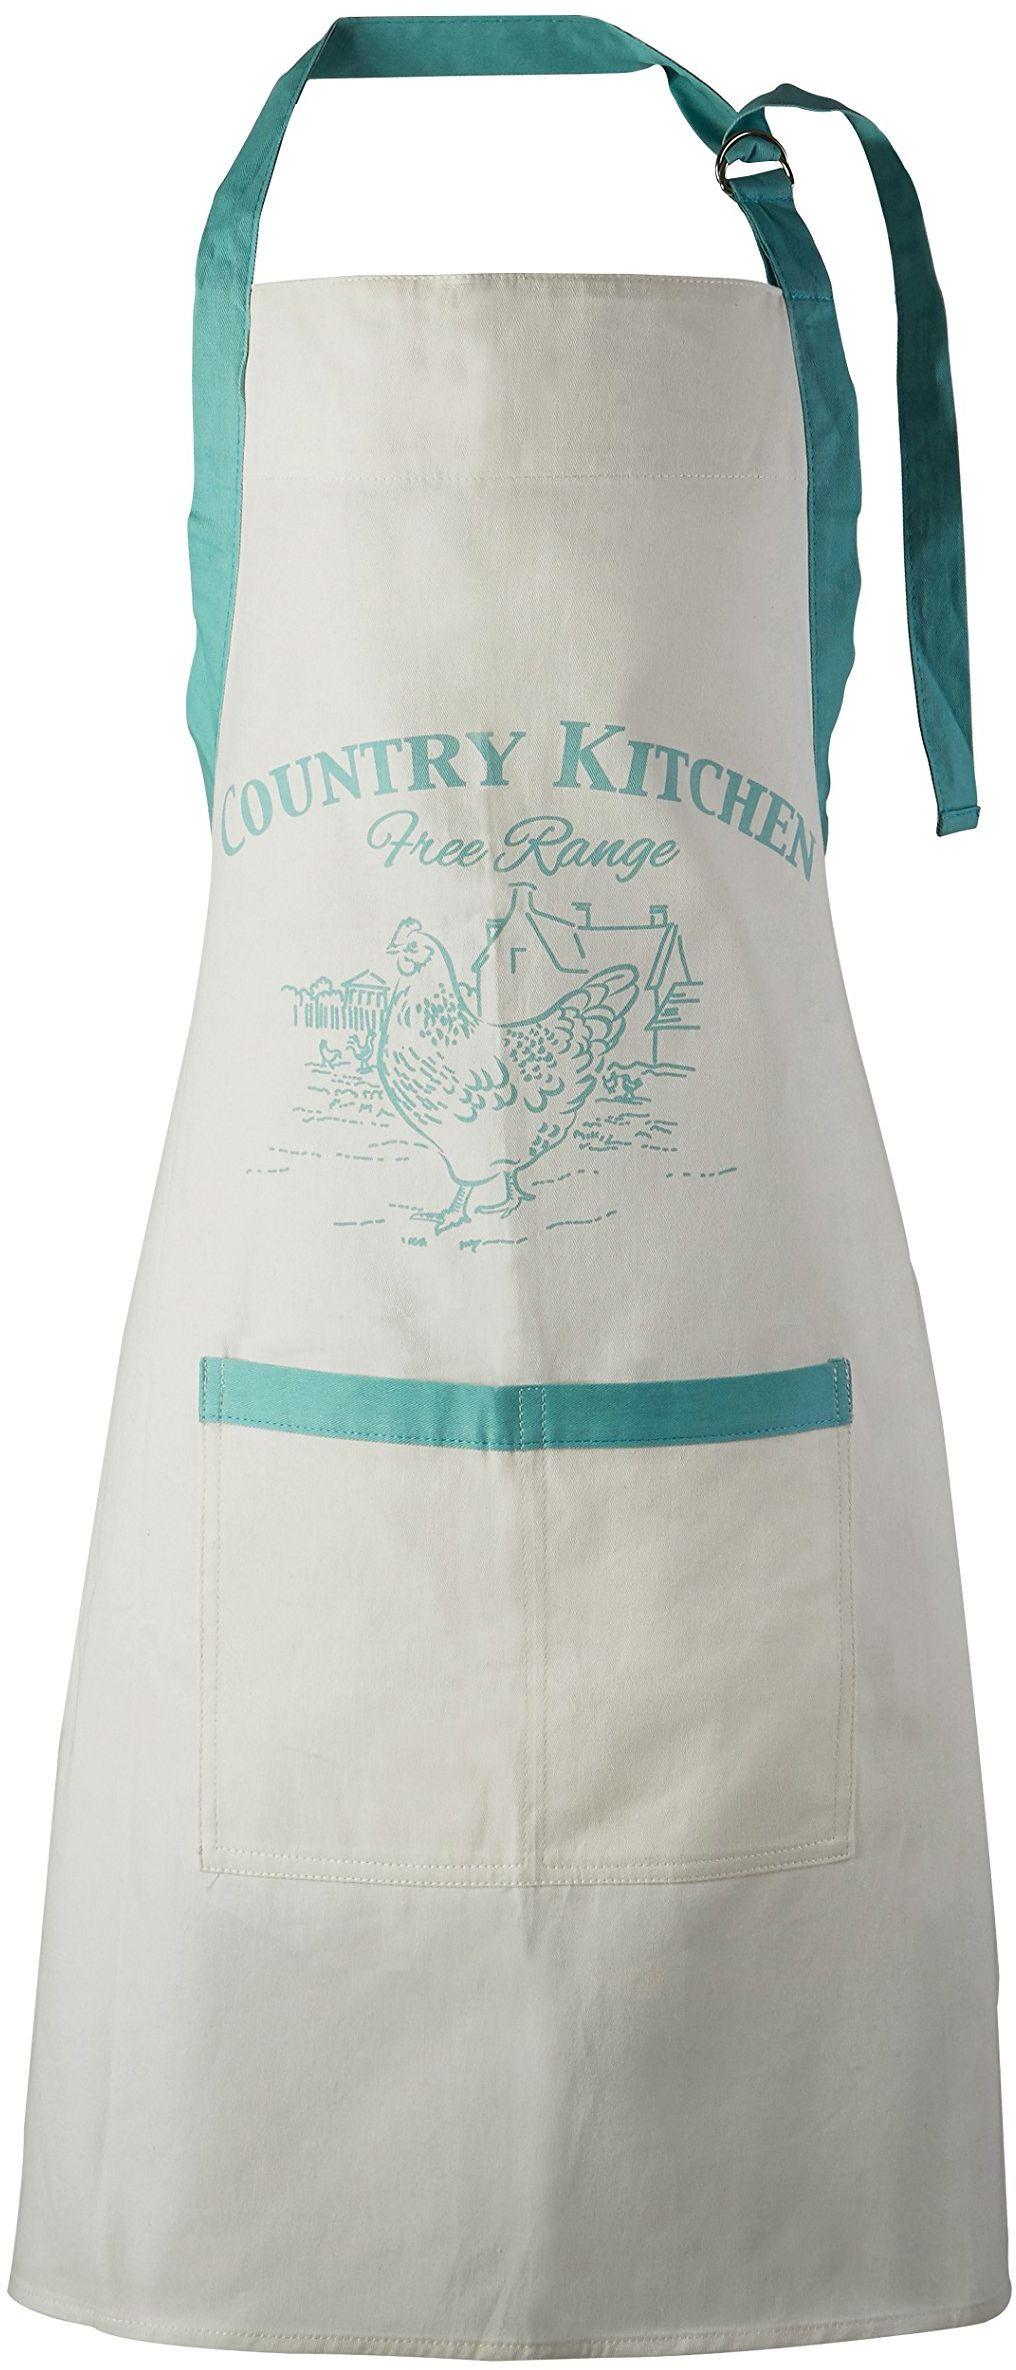 Premier Housewares Fartuchy dla kobiet 100% bawełna fartuch do pieczenia pasek na szyję morski fartuchy kuchenne fartuch do gotowania dla nastolatków biały bawełniany fartuch 87 x 69 cm